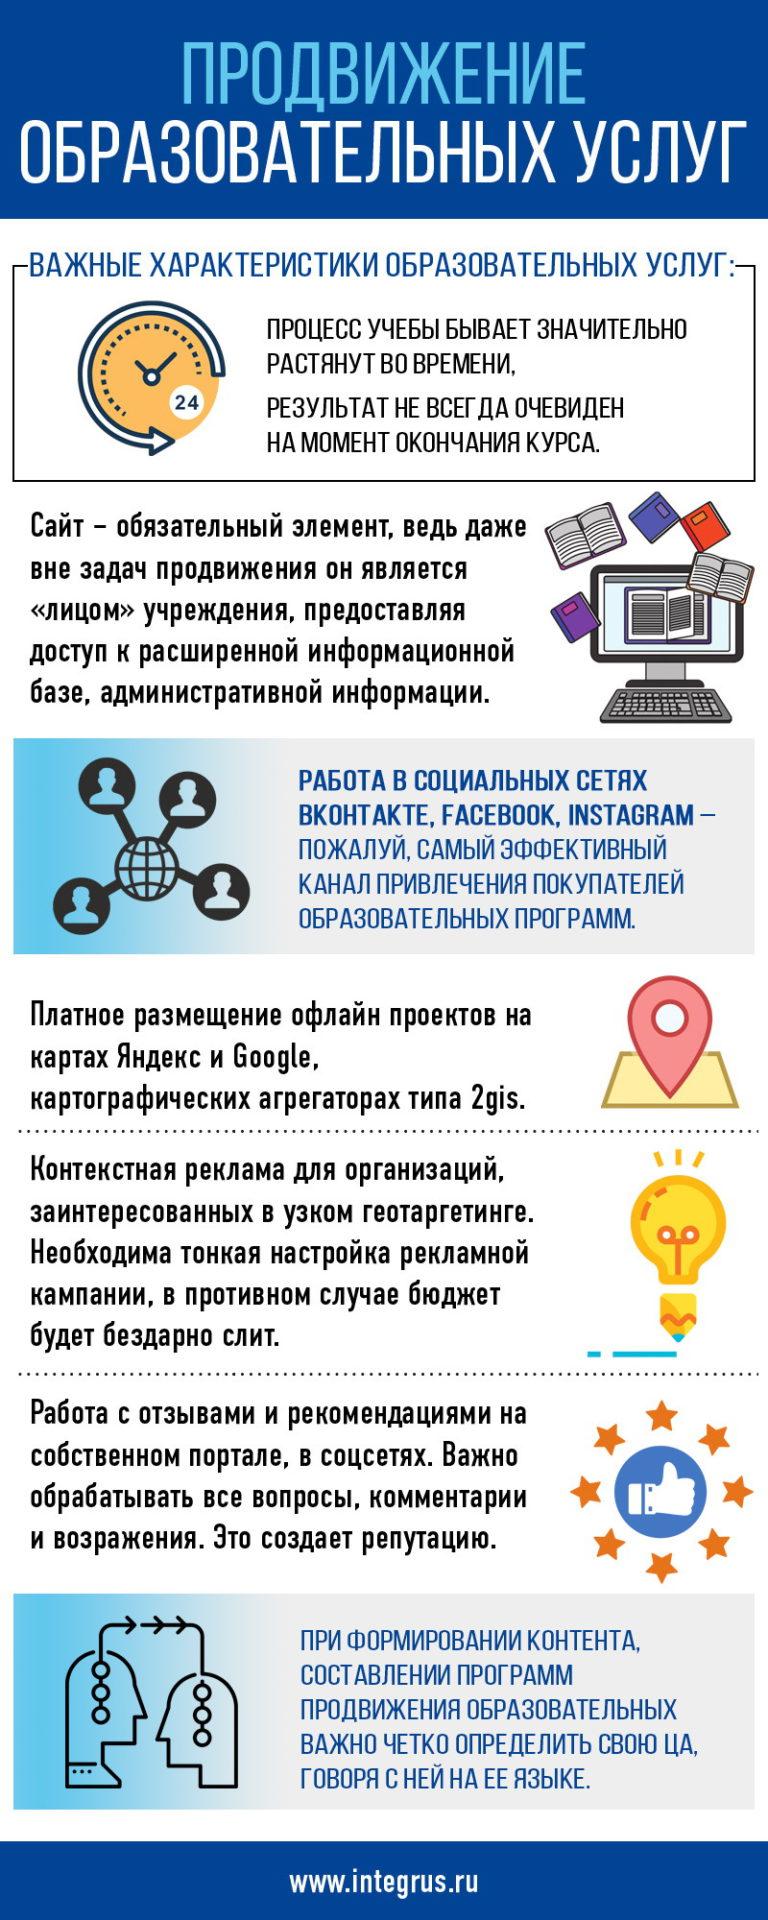 Продвижение в Интернете образовательных услуг